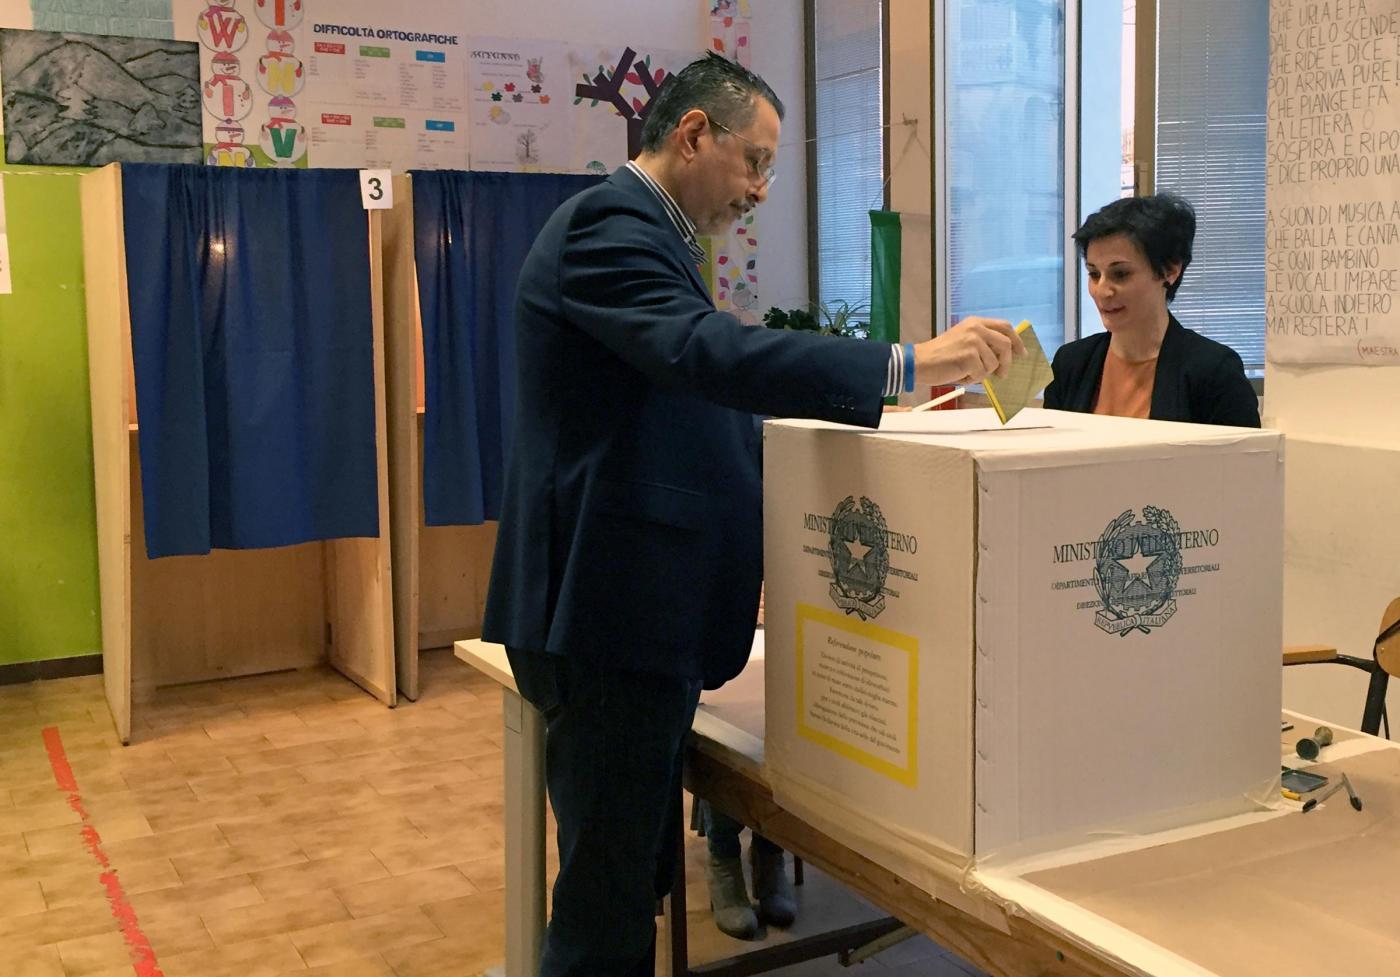 Elezioni 2016, i comuni al voto in Trentino Alto Adige l'8 maggio